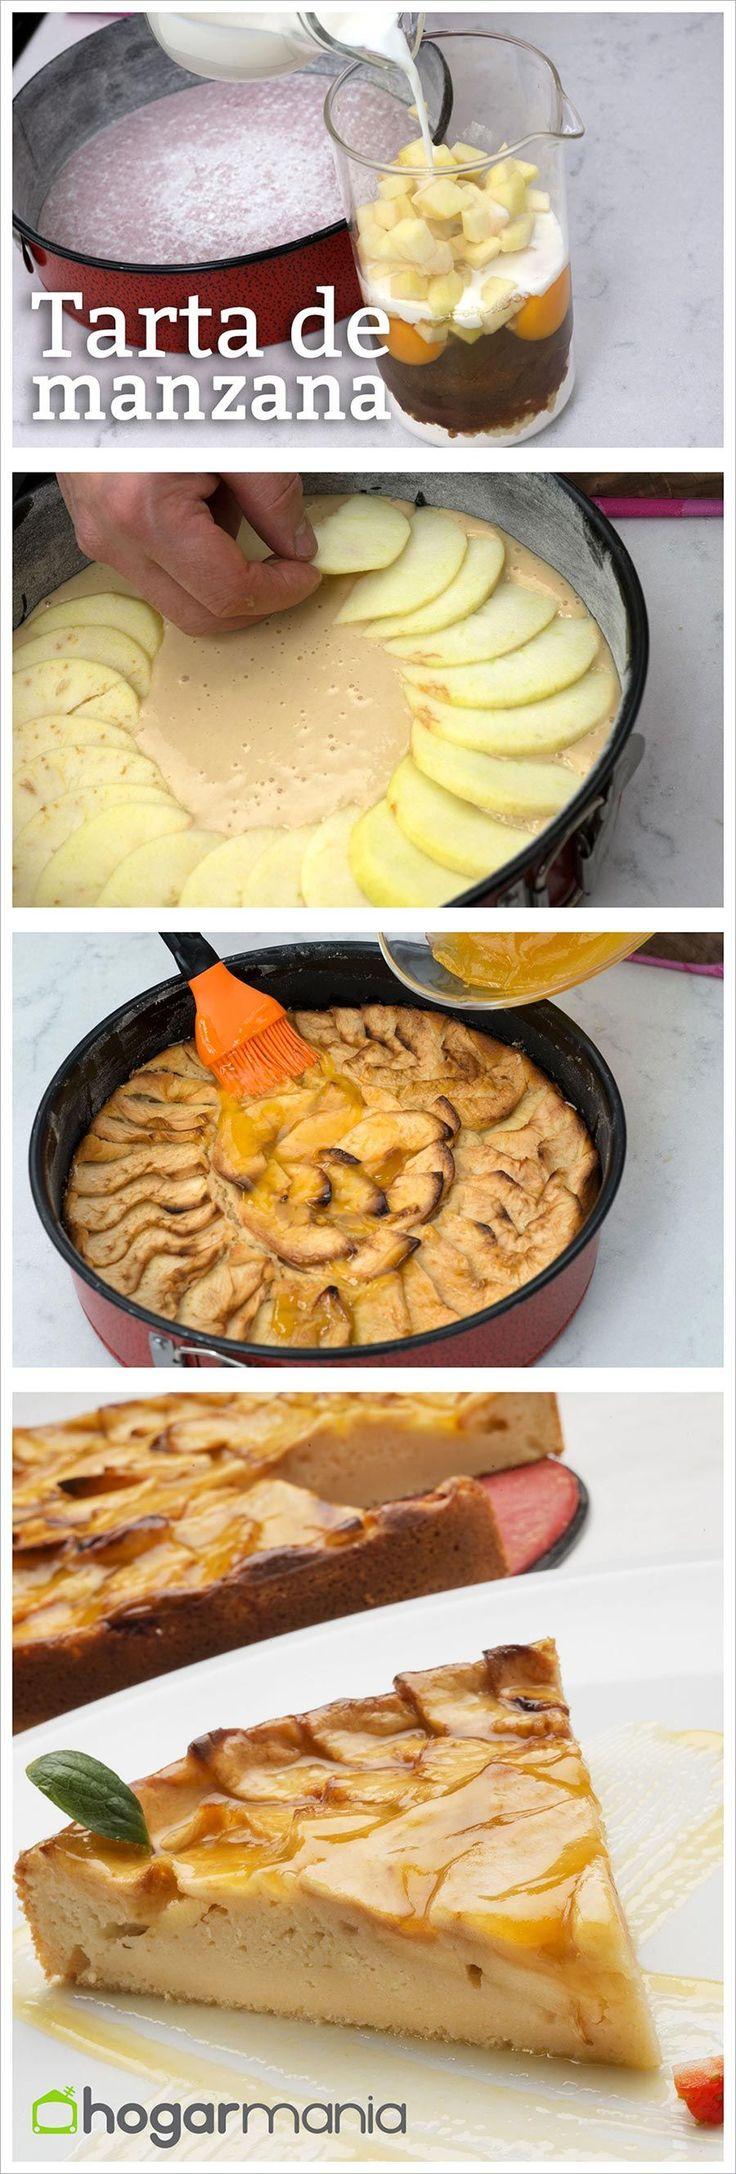 Tarta de manzana de Eva Arguiñano